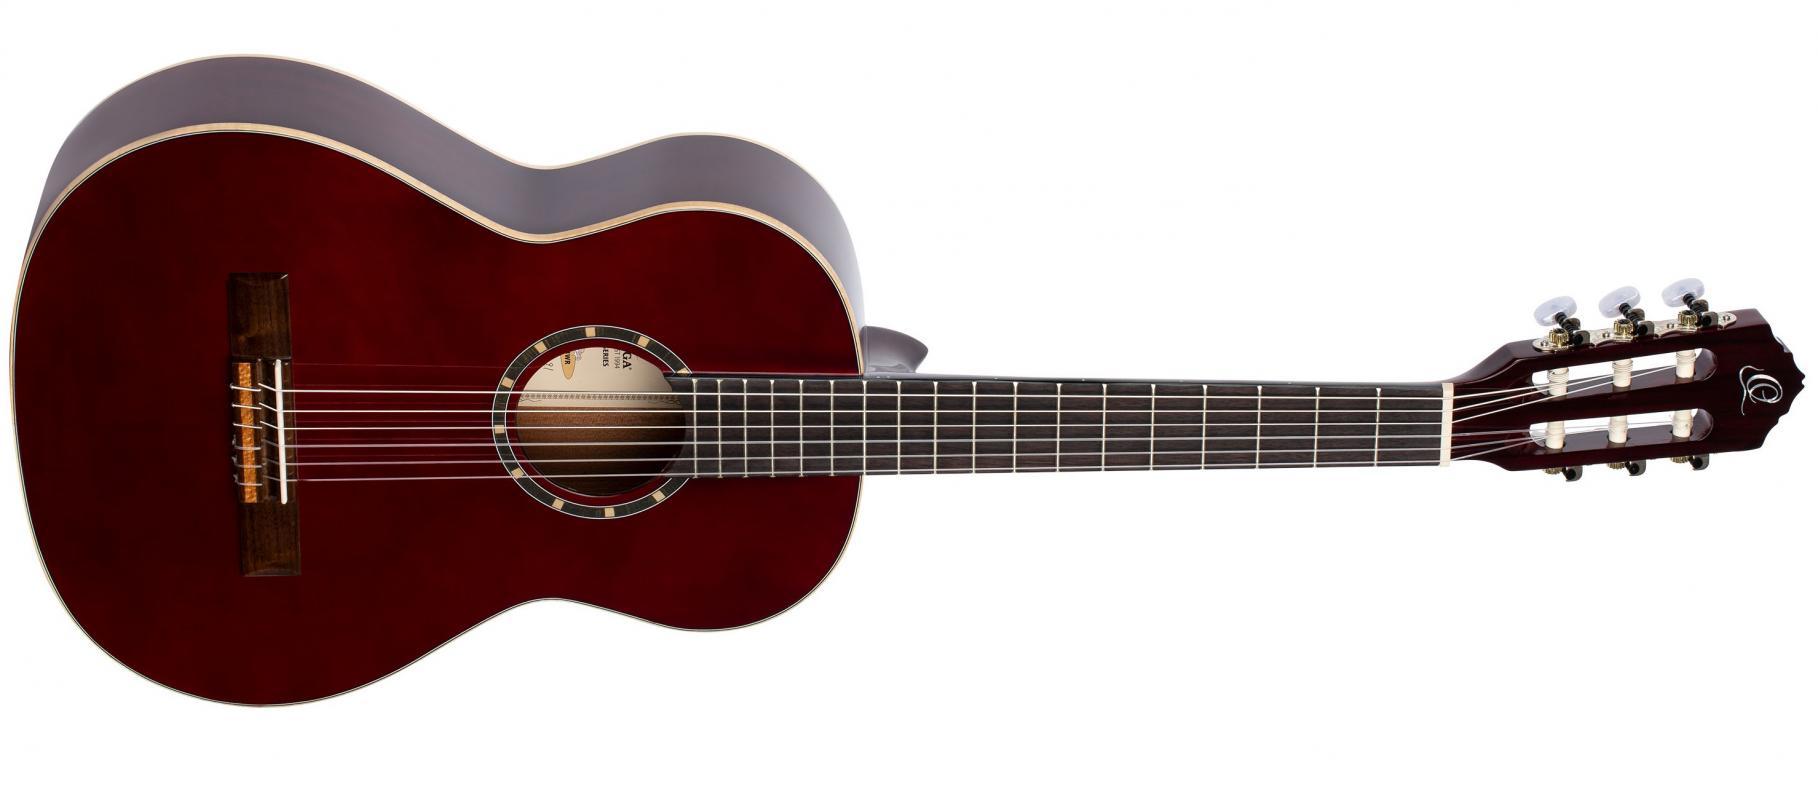 R121-3/4WR Konzertgitarre B-Ware